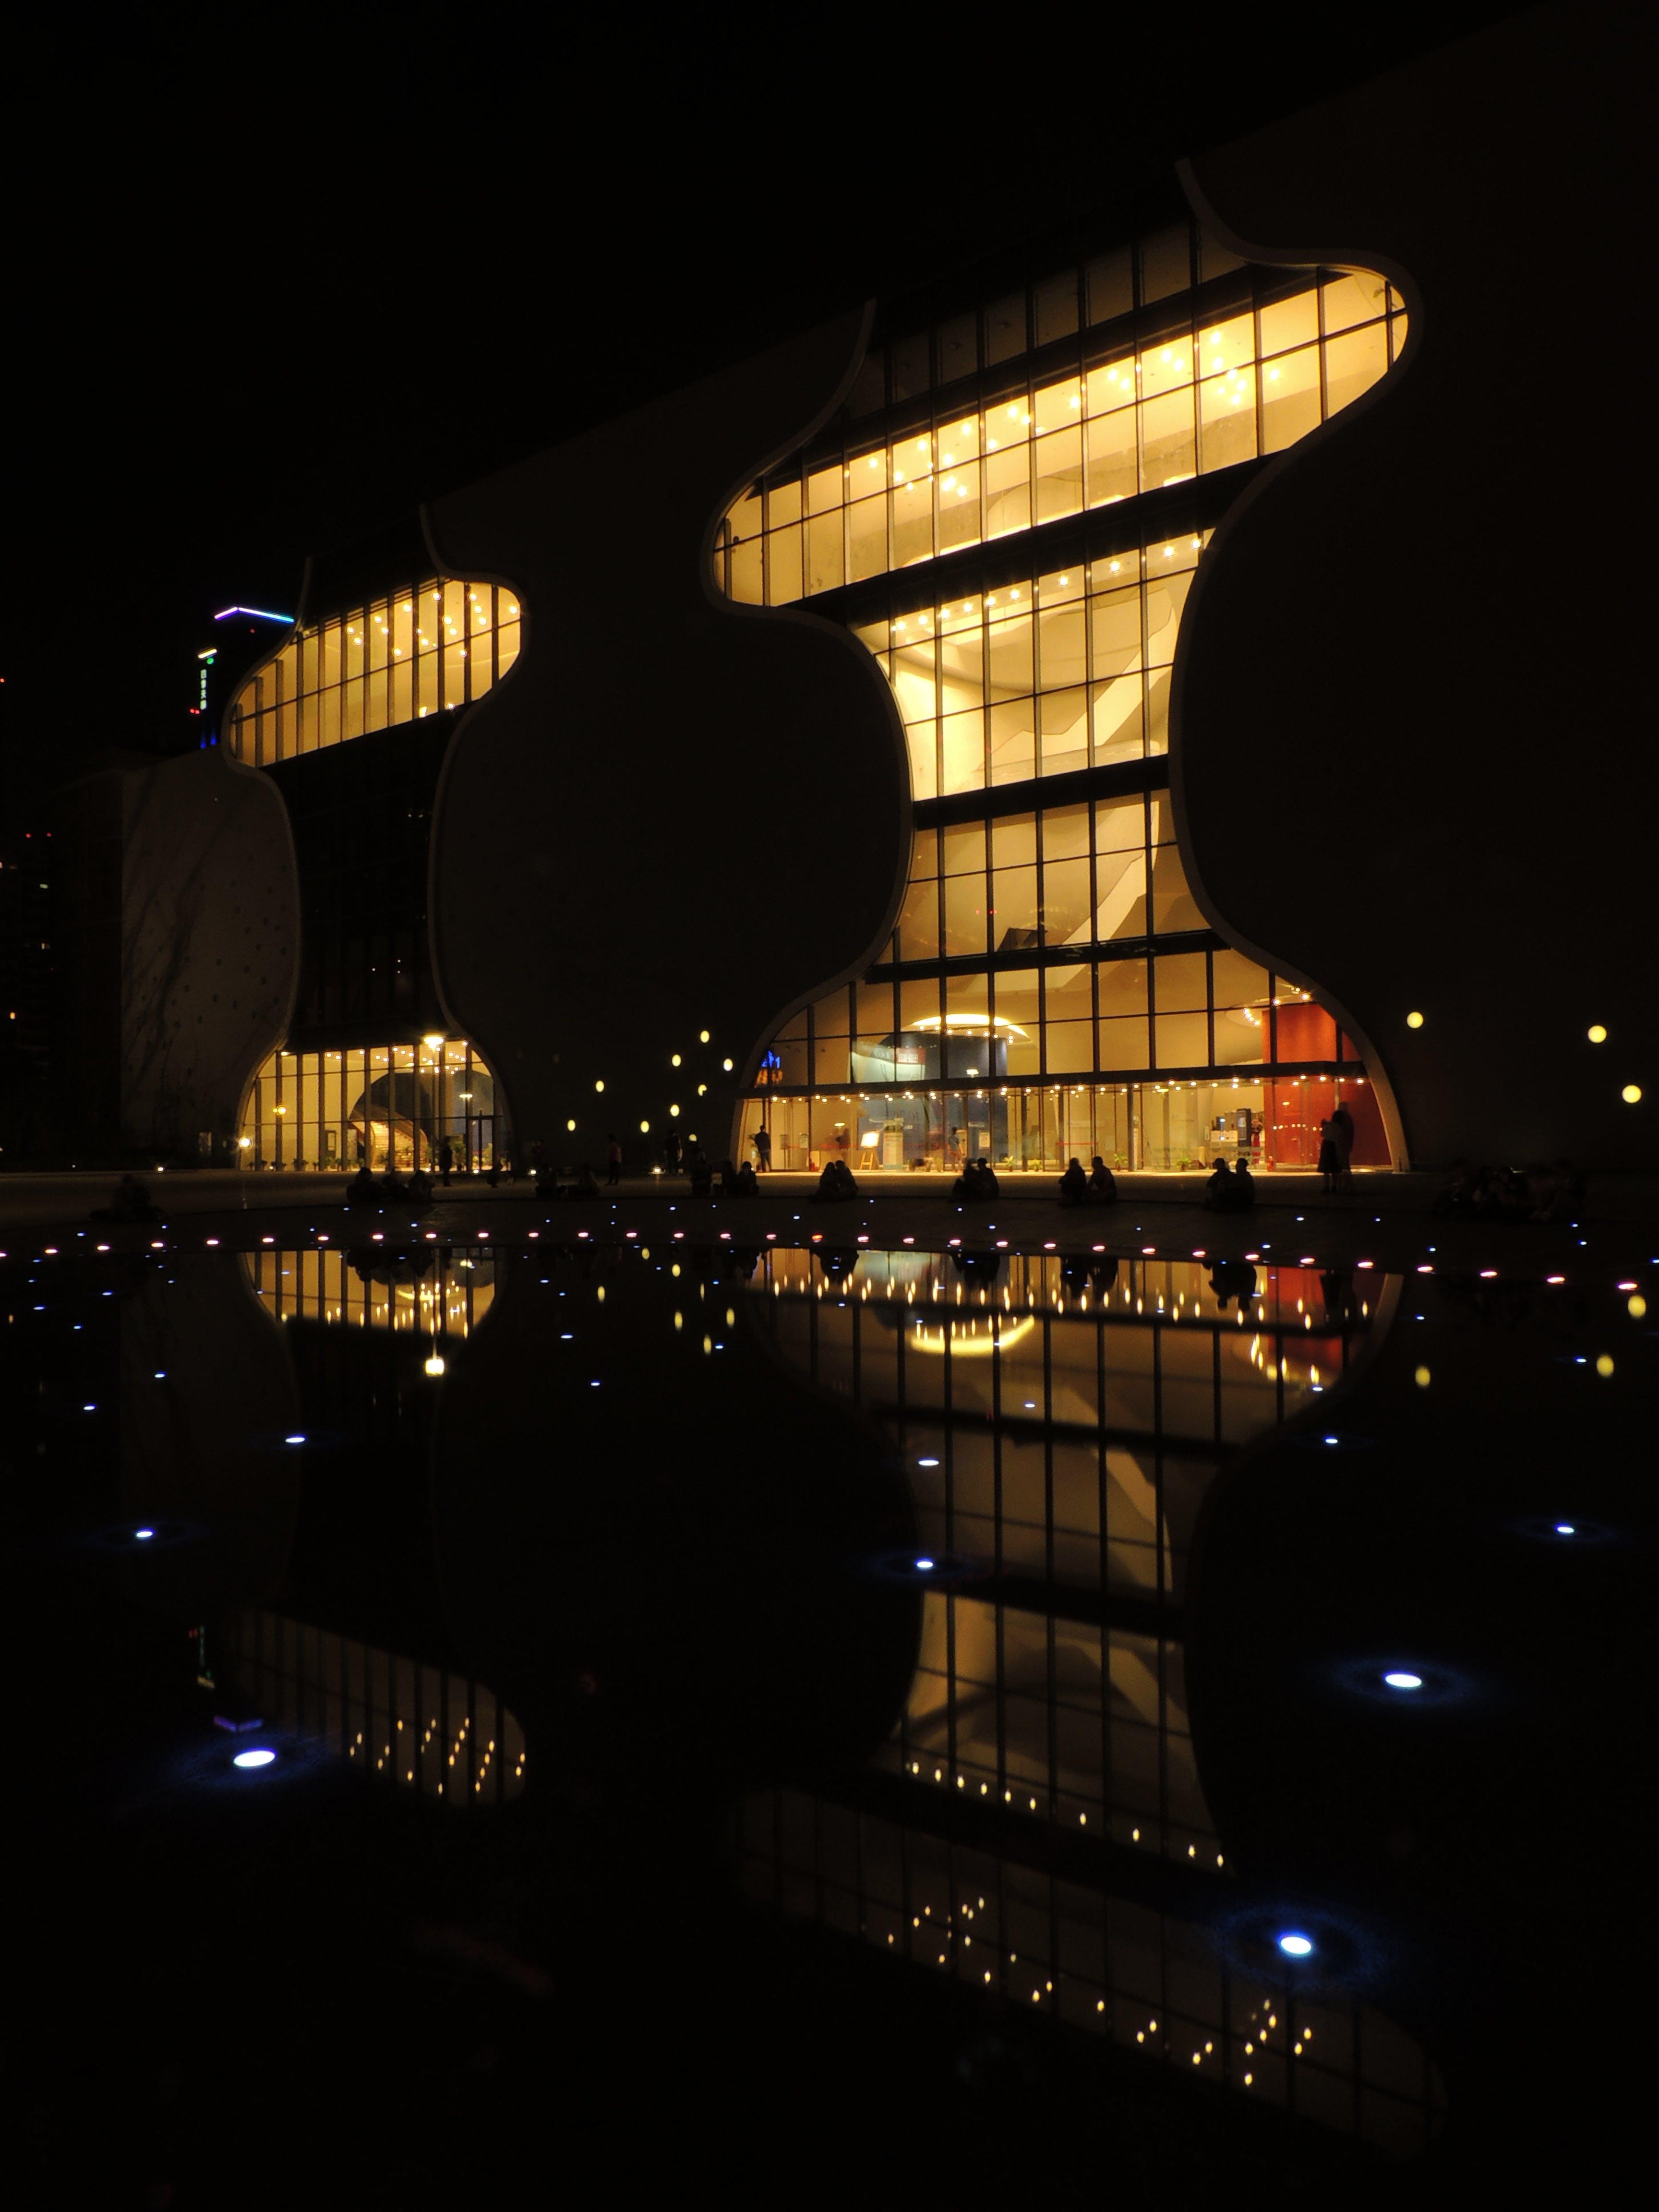 Free stock photo of light, city, water, dark